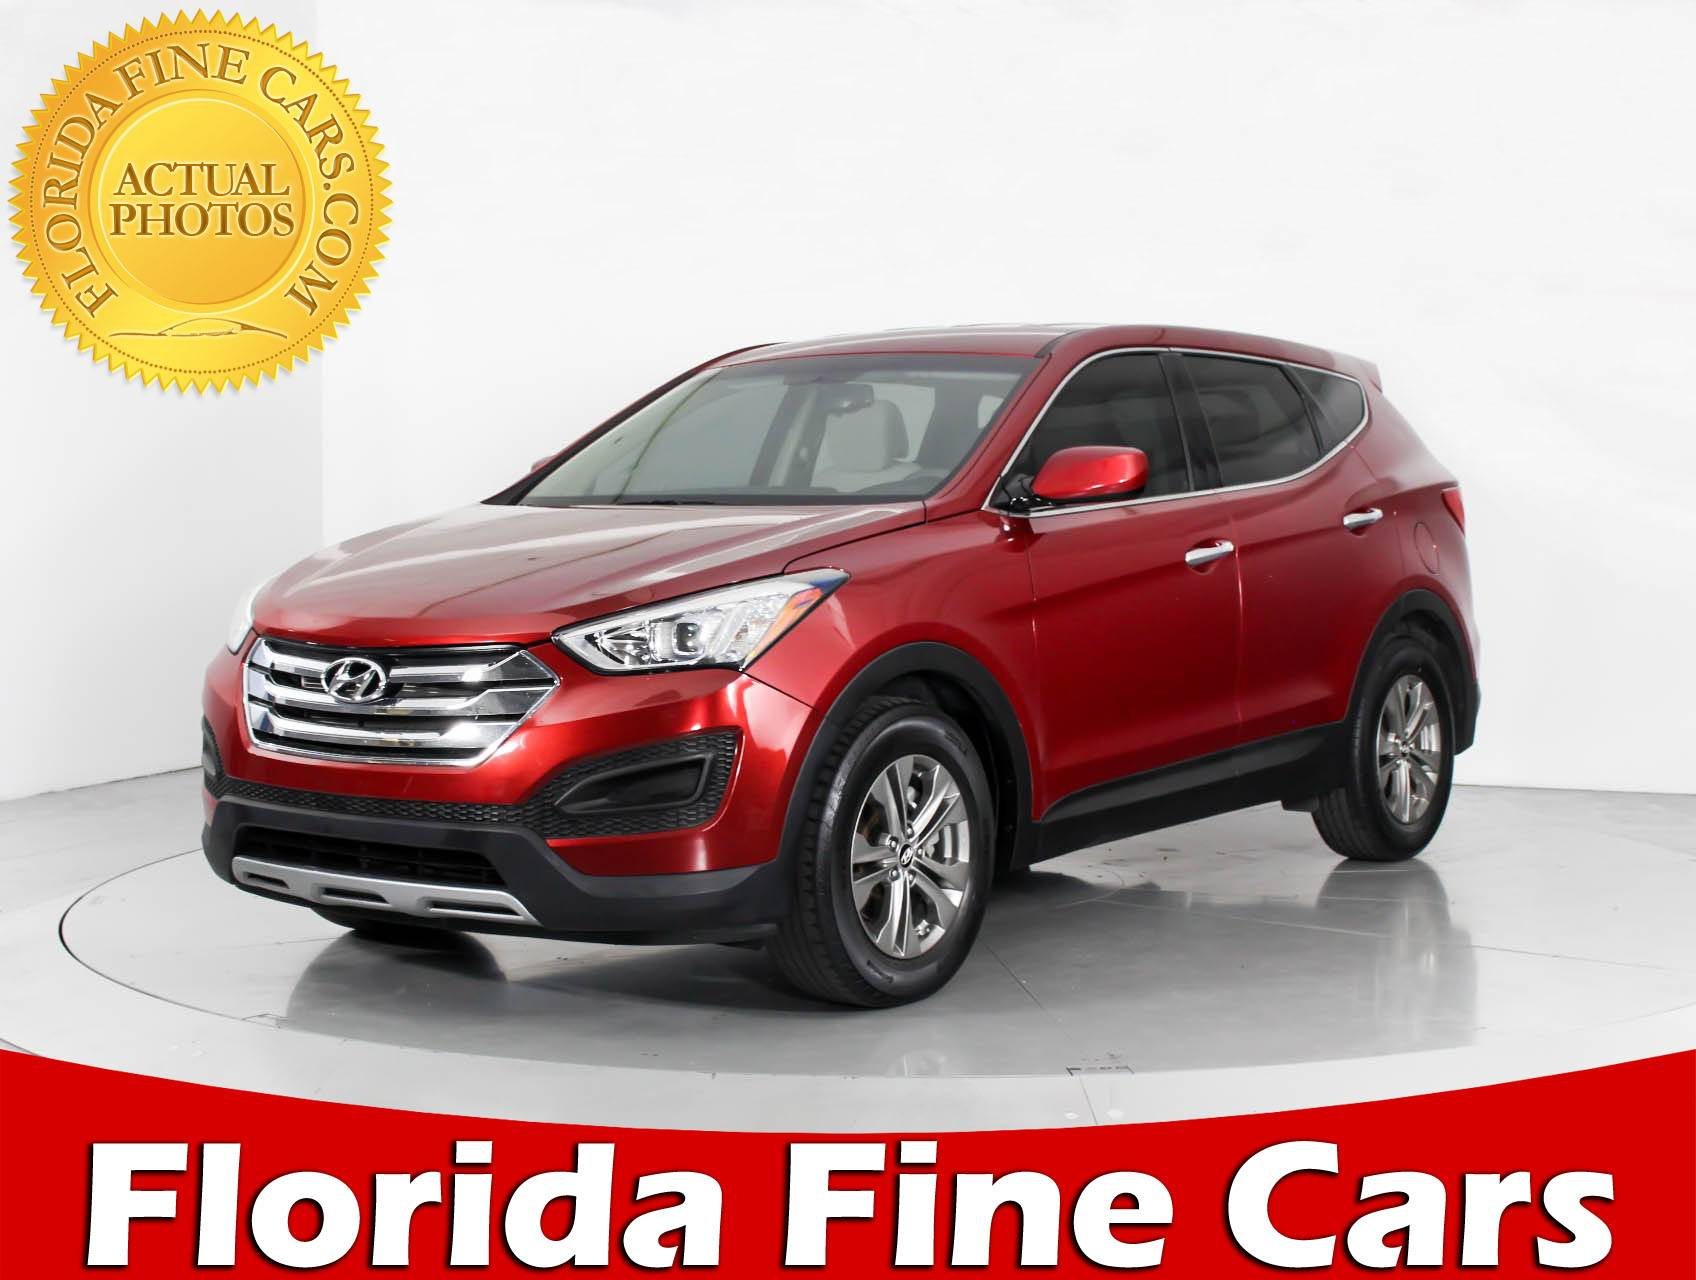 Used 2014 HYUNDAI SANTA FE SPORT SUV for sale in MIAMI FL